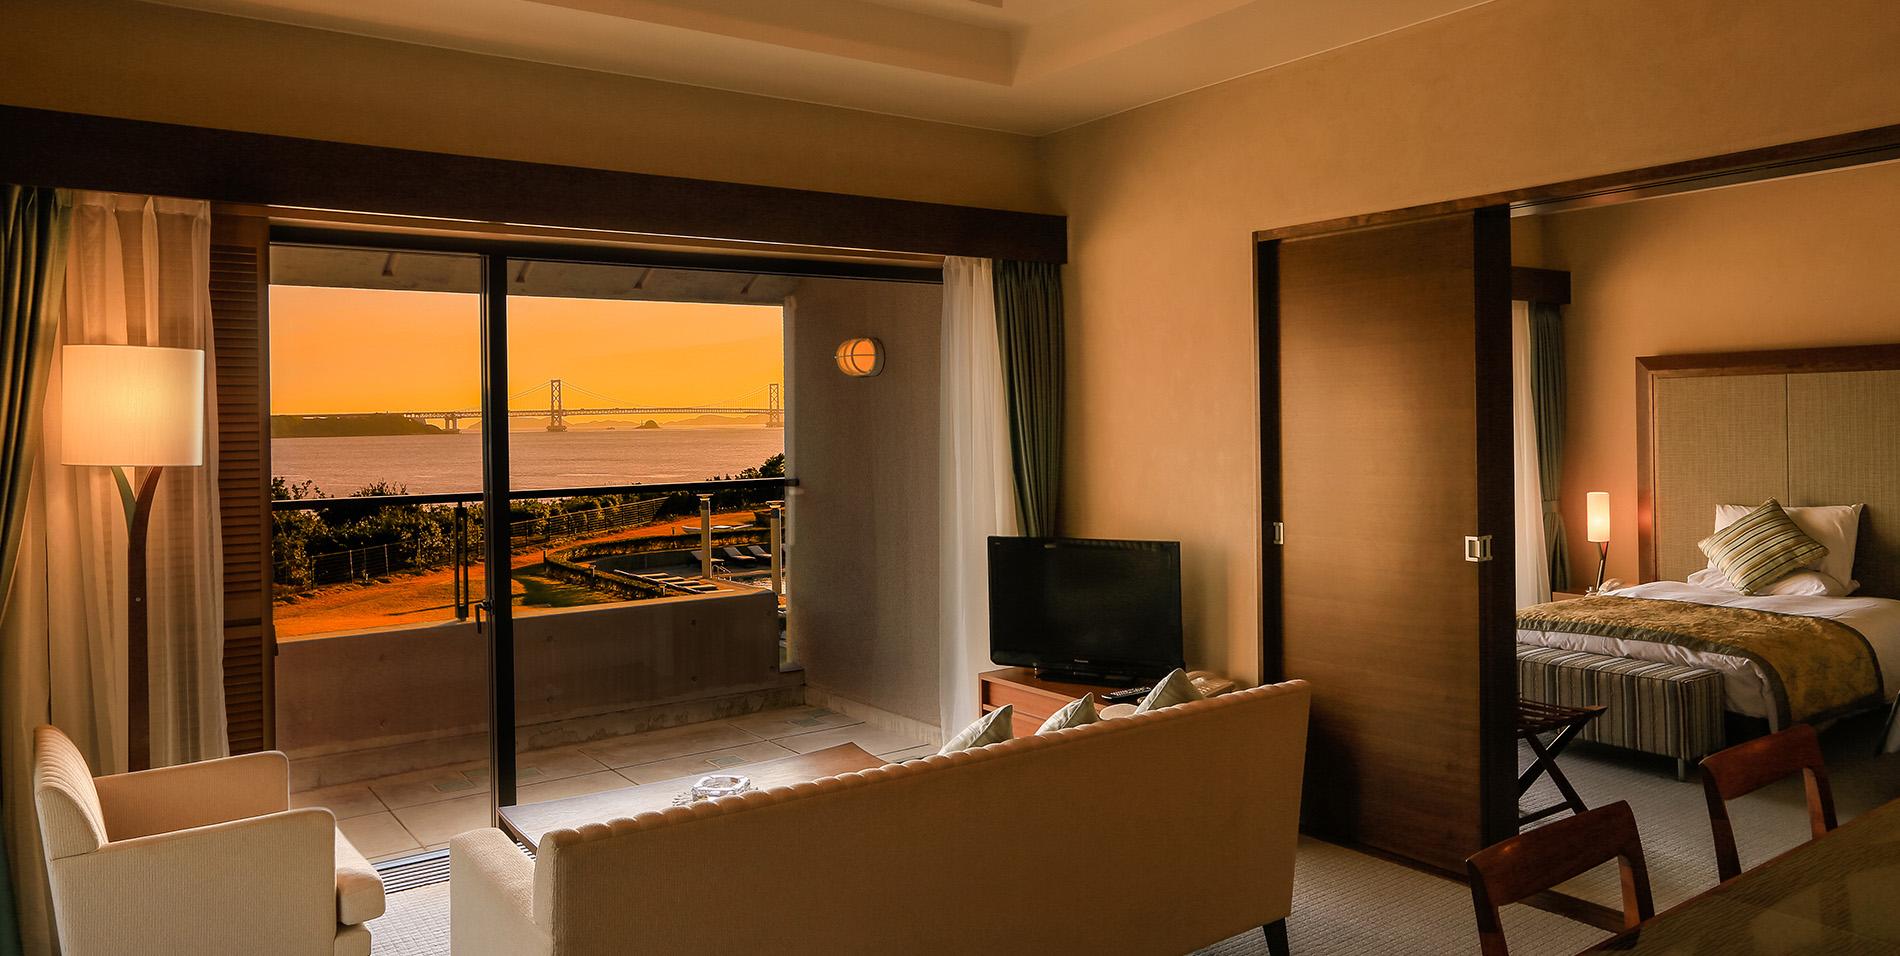 ホテルアナガ スイートルーム201